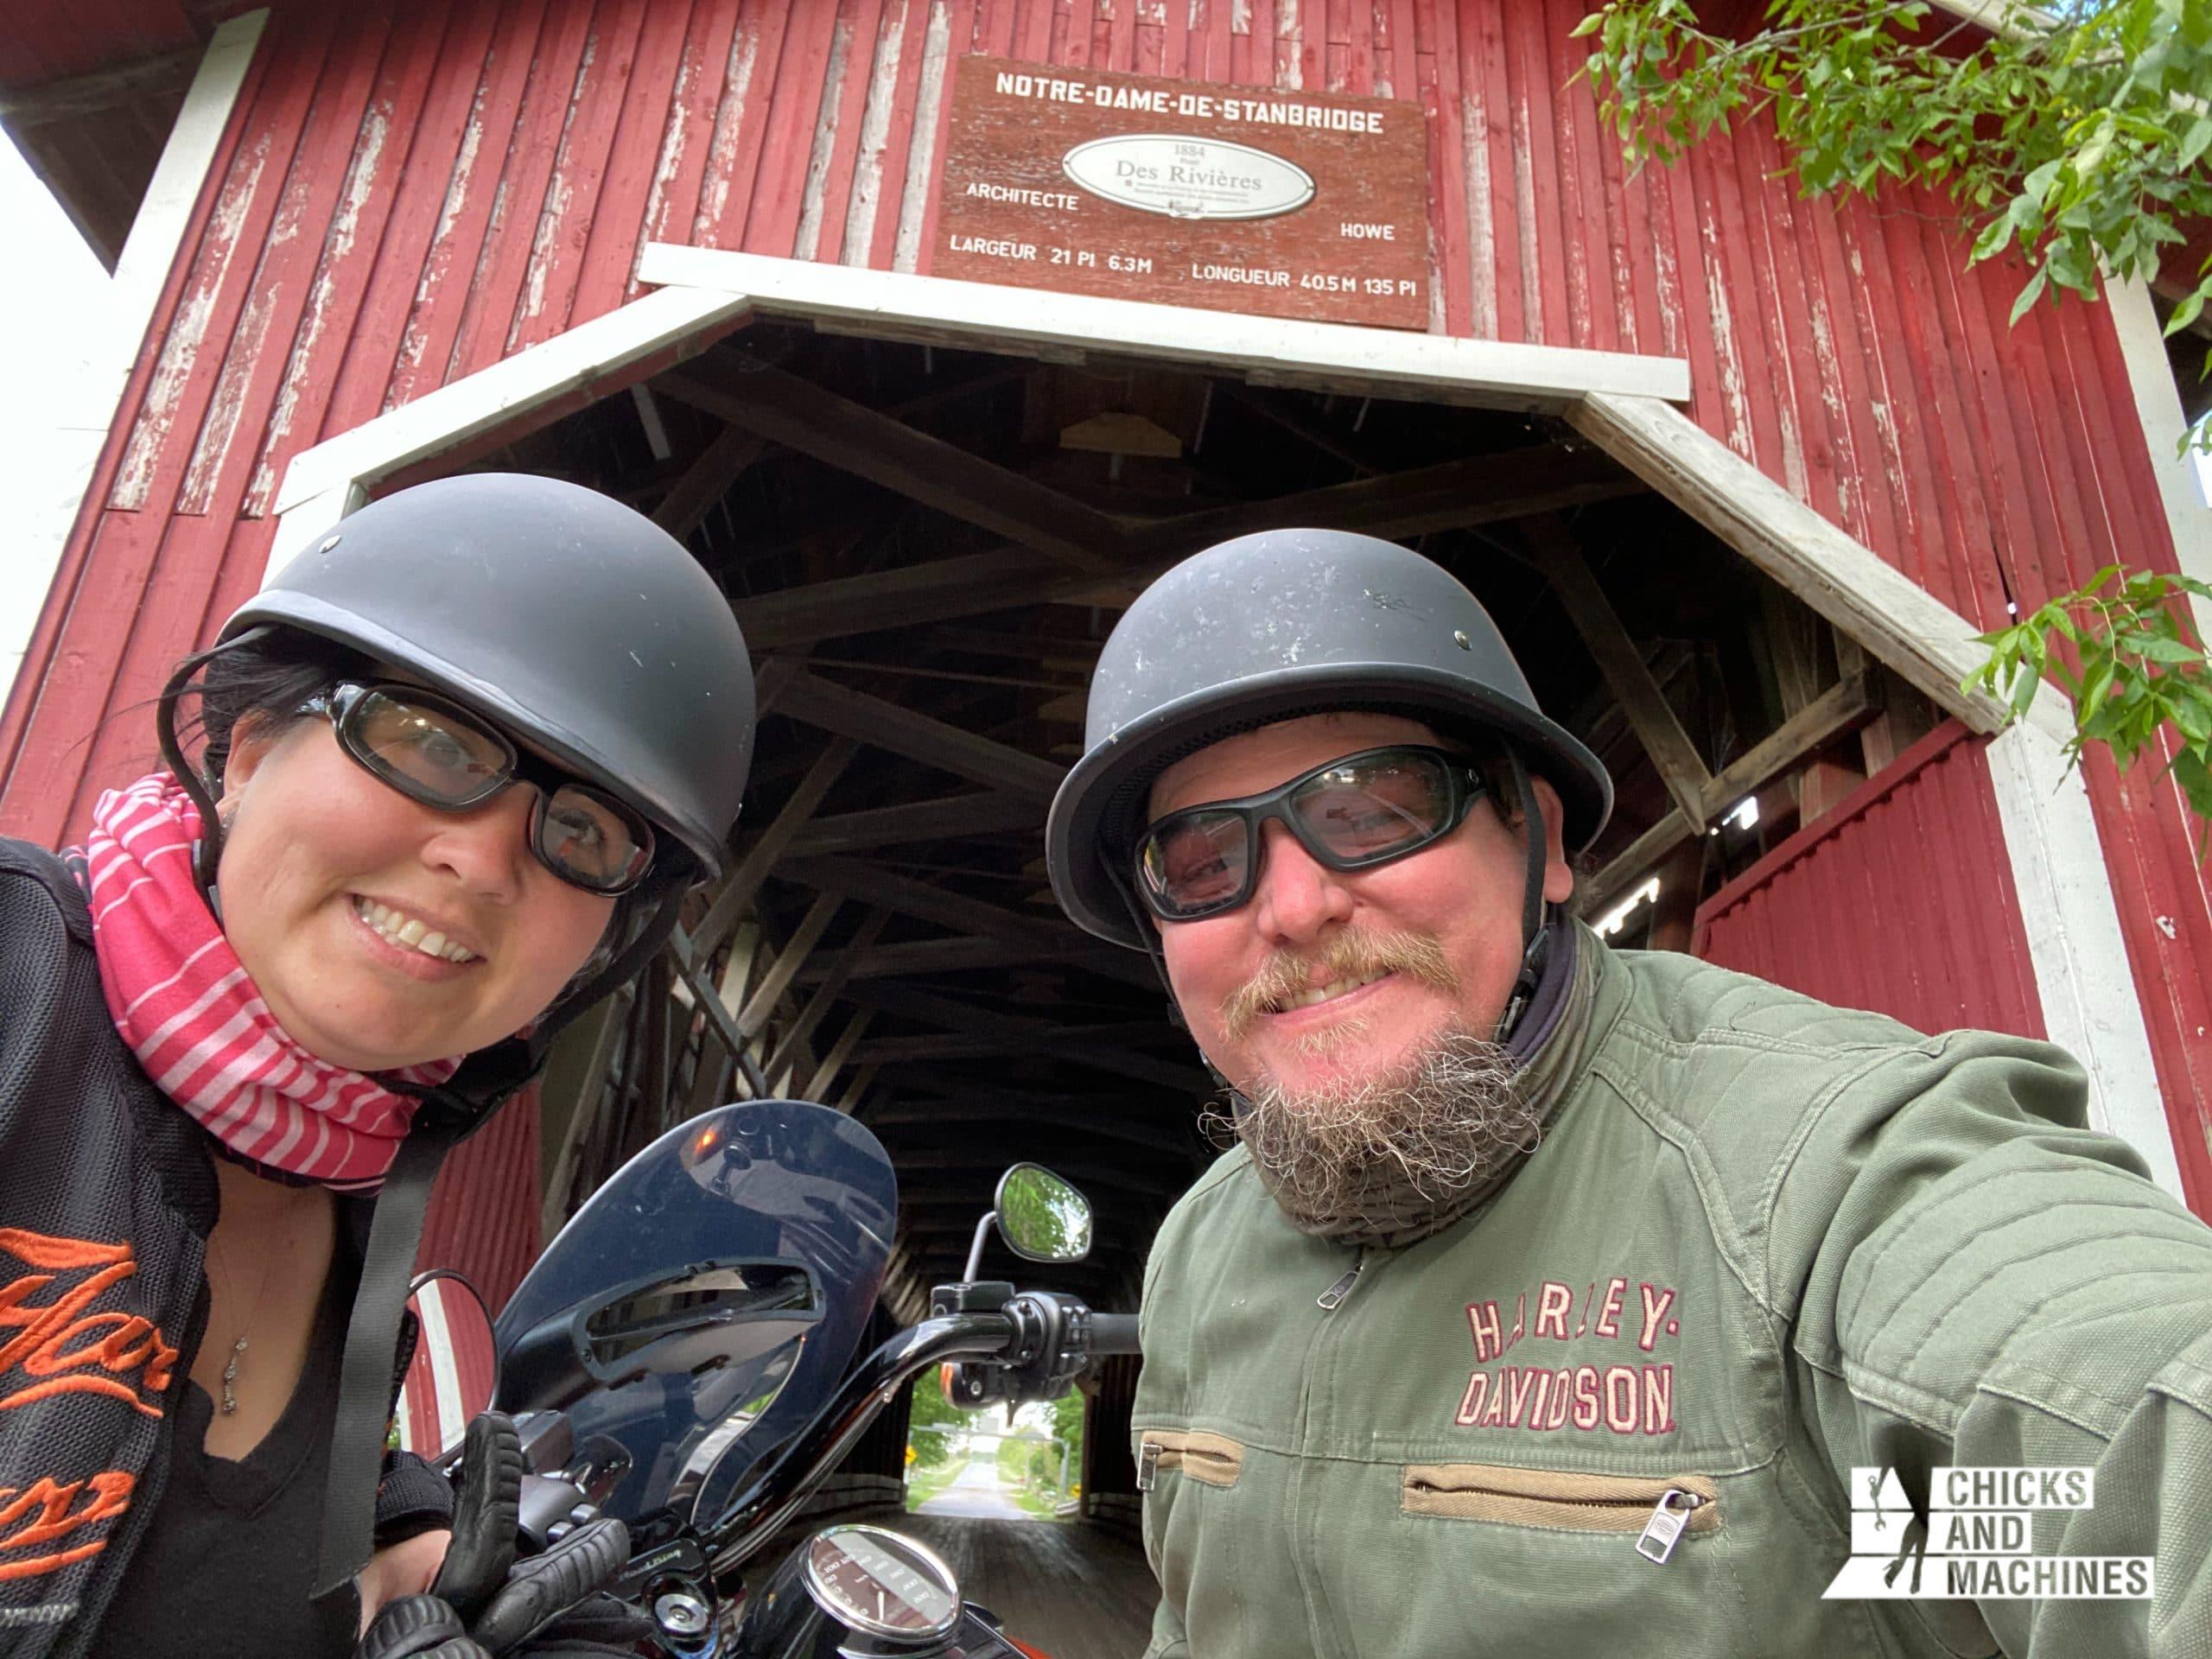 Roadtrip à moto : Annie à Pike River sous le pont couvert